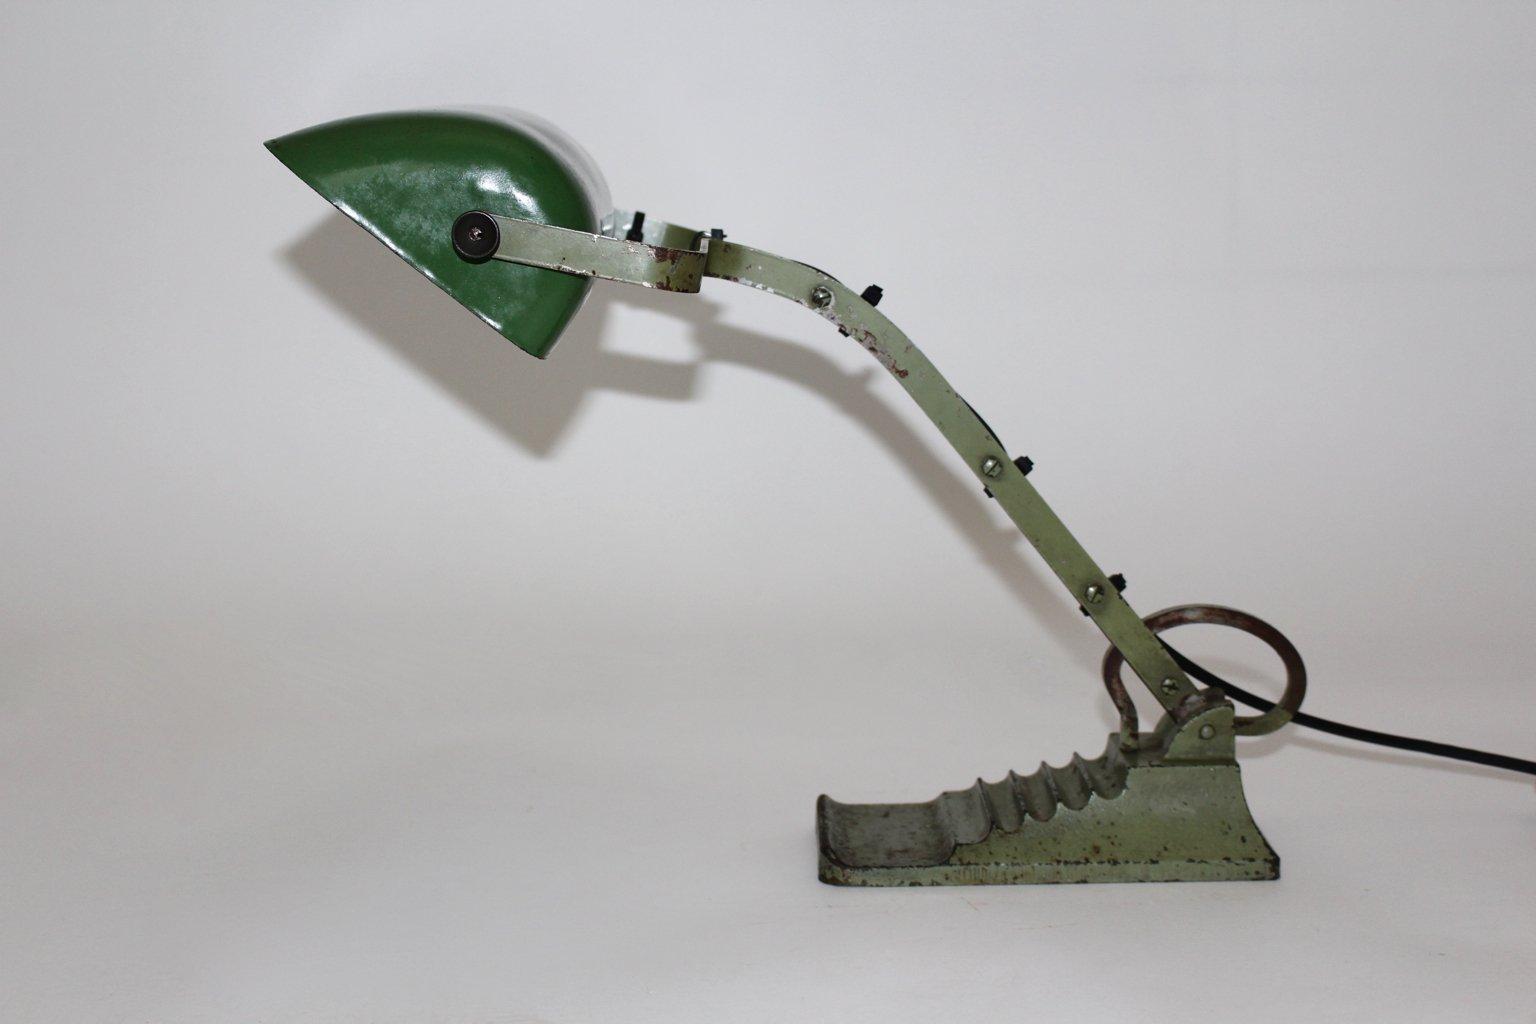 lampe de bureau bauhaus verte en verre 1920s en vente sur pamono. Black Bedroom Furniture Sets. Home Design Ideas